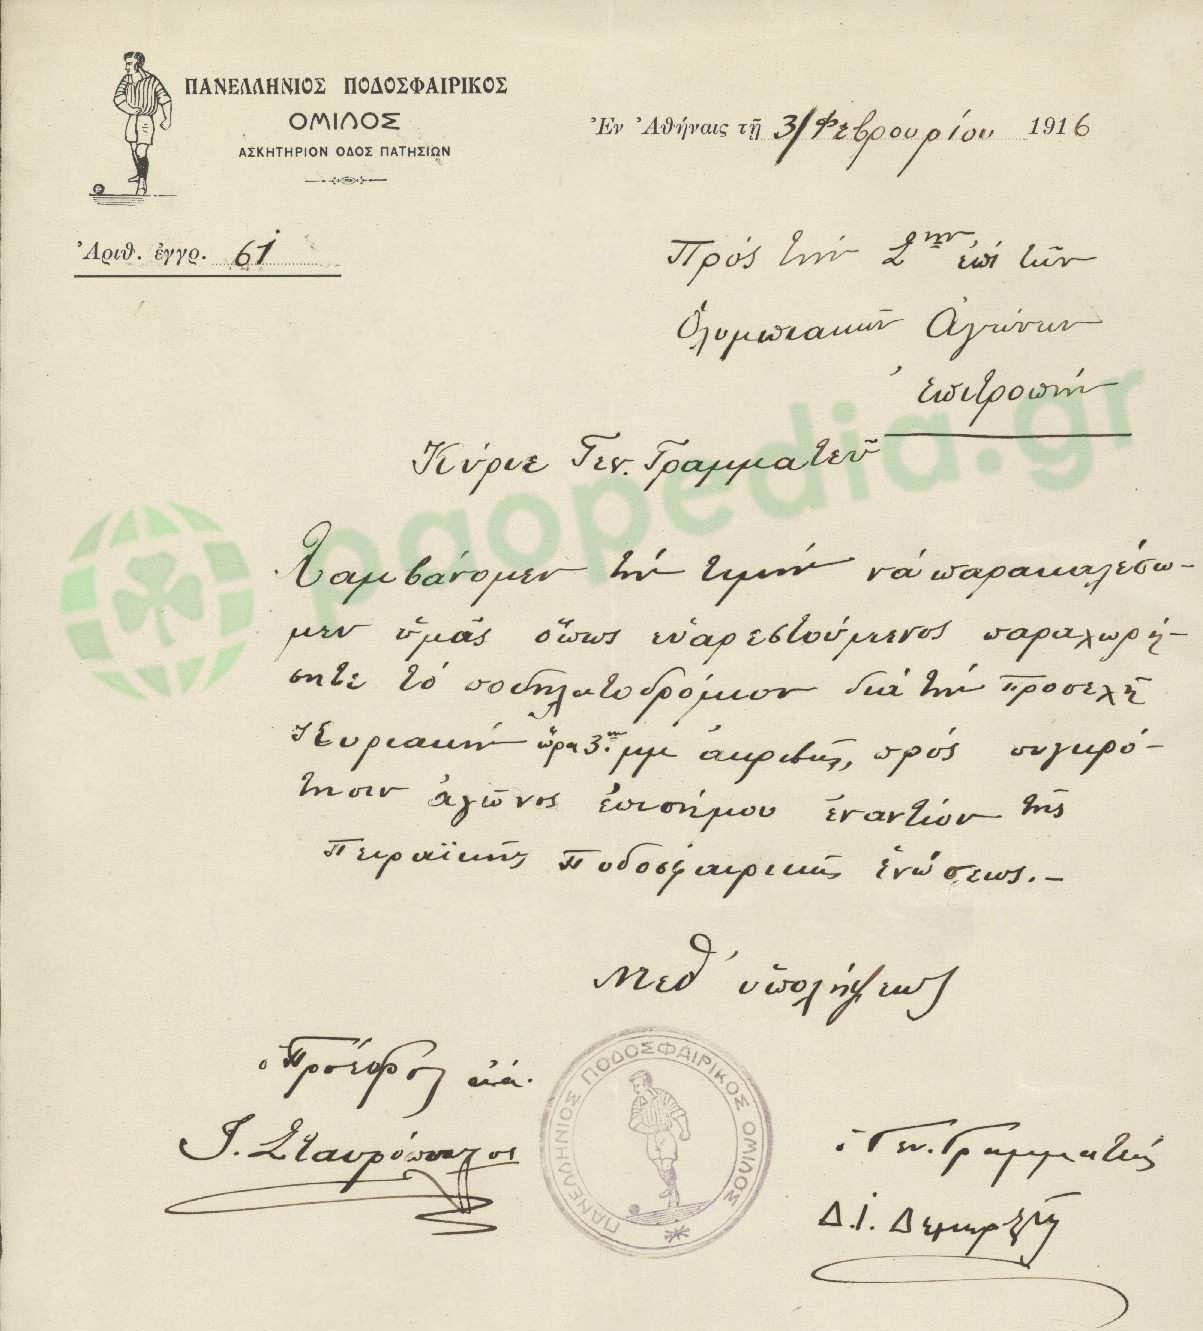 Ένα μεγάλης σπανιότητας και ιστορικής σημασίας ντοκουμέντο, που αποδεικνύει ότι και το 1916 διεξήχθησαν επίσημοι ποδοσφαιρικοί αγώνες. Αντί προέδρου του Παναθηναϊκού υπογράφει ο Ιωάννης Σταυρόπουλος, ενώ ρόλο γενικού γραμματέα είχε ο Δημήτρης Δεμερτζής. Και οι δύο –όπως και ο αδερφικός φίλος τους Γιώργος Καλαφάτης– διέγραψαν σπουδαία επιστημονική πορεία, ως γιατροί.